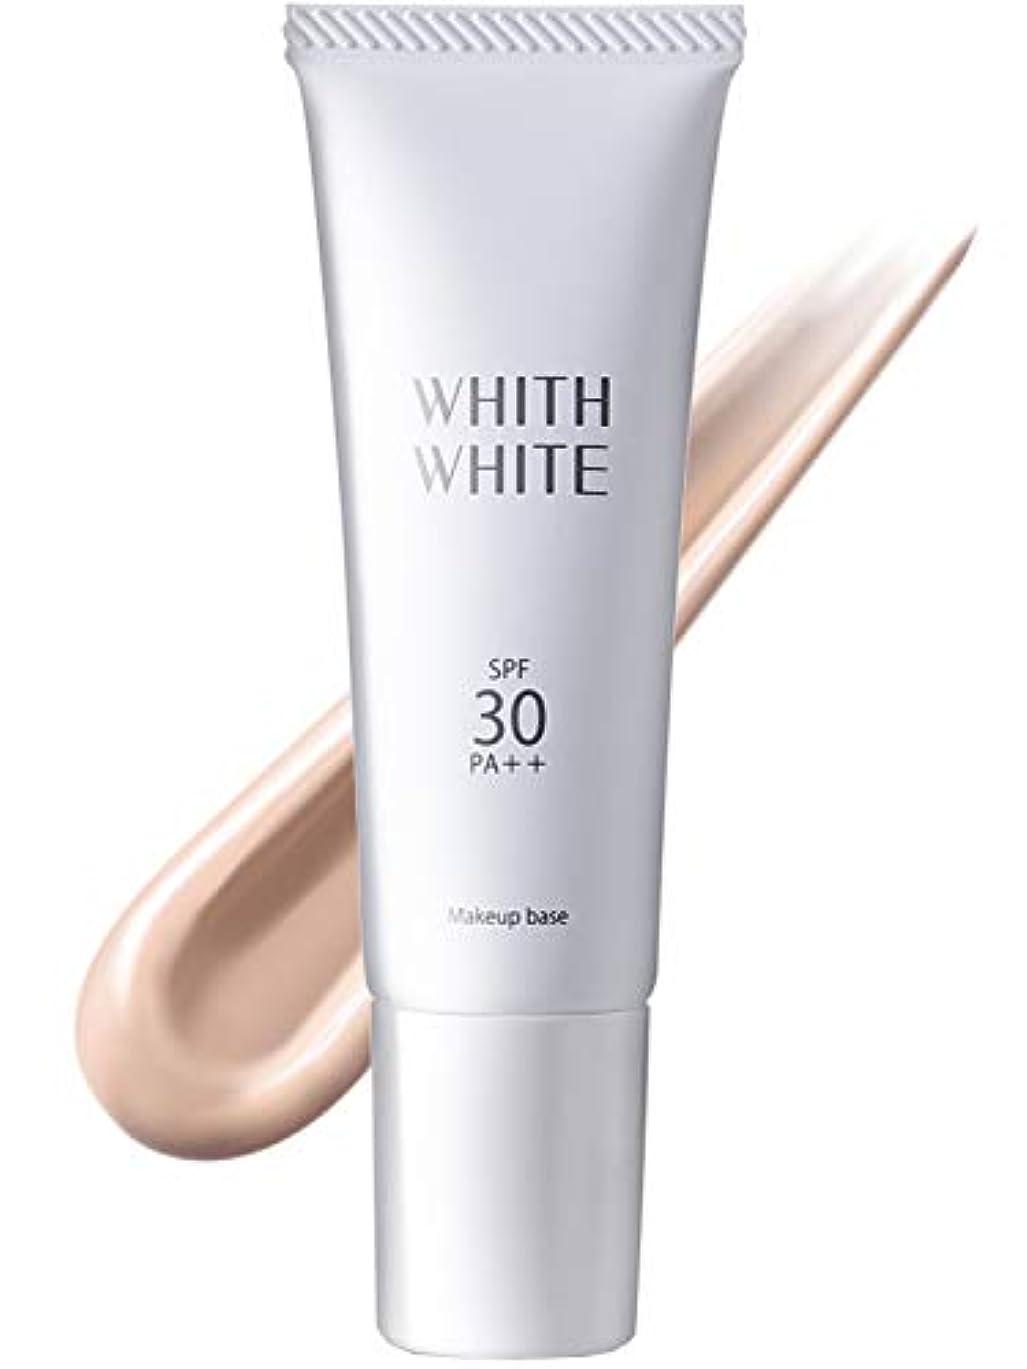 美容師ペパーミントプライバシーBBクリーム 化粧下地 医薬部外品 フィス 美白 「 ニキビ しわ 毛穴 皮膚テカリ 」「 ヒアルロン酸 プラセンタ 配合 」「 美白 と 保湿 のW獲り 」25g